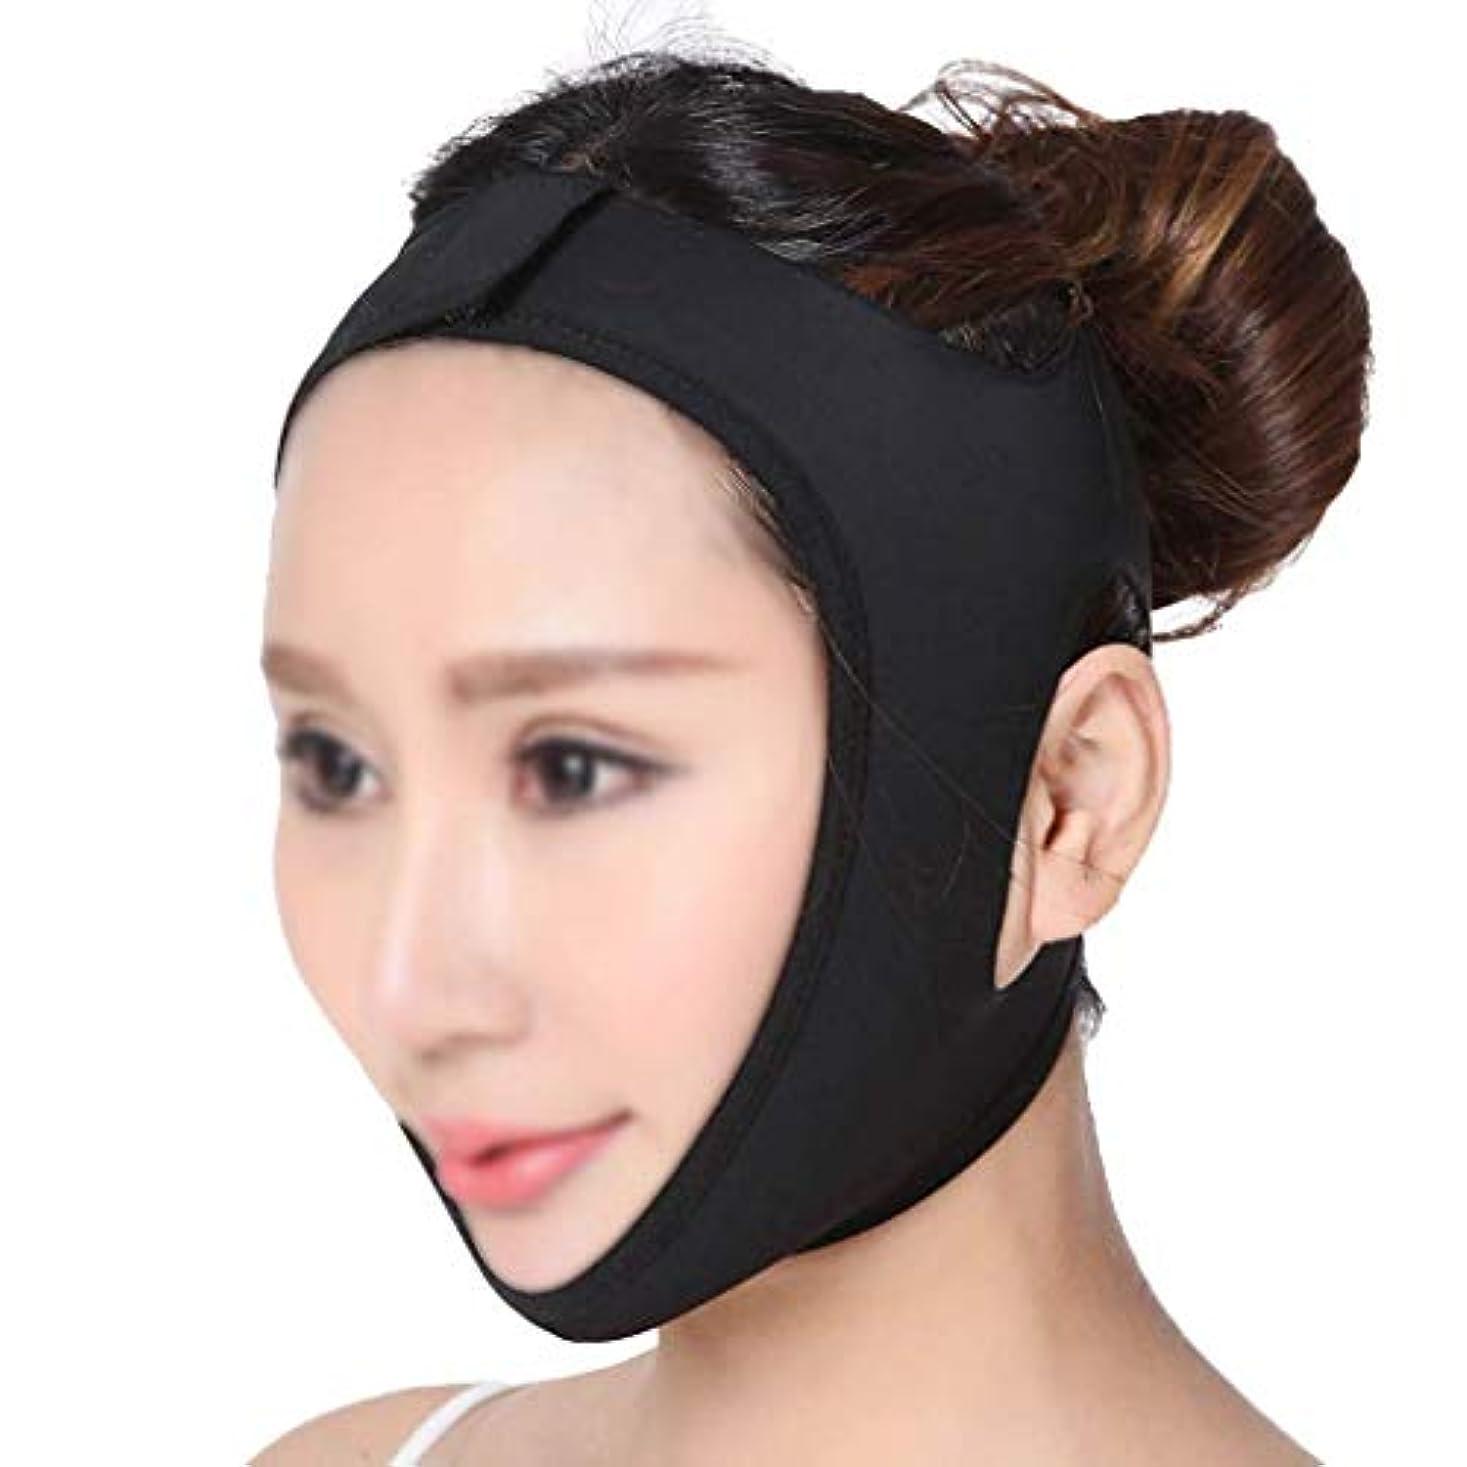 程度レオナルドダ提供されたファーミングフェイスマスク、フェイスリフトマスクフェイシャルマッサージVフェイスバンデージシンフェイスマスクフェイシャルリフティングファーミングフェイス楽器スモールフェイスフェイスブラックフェイスマスク(サイズ:S),Xl